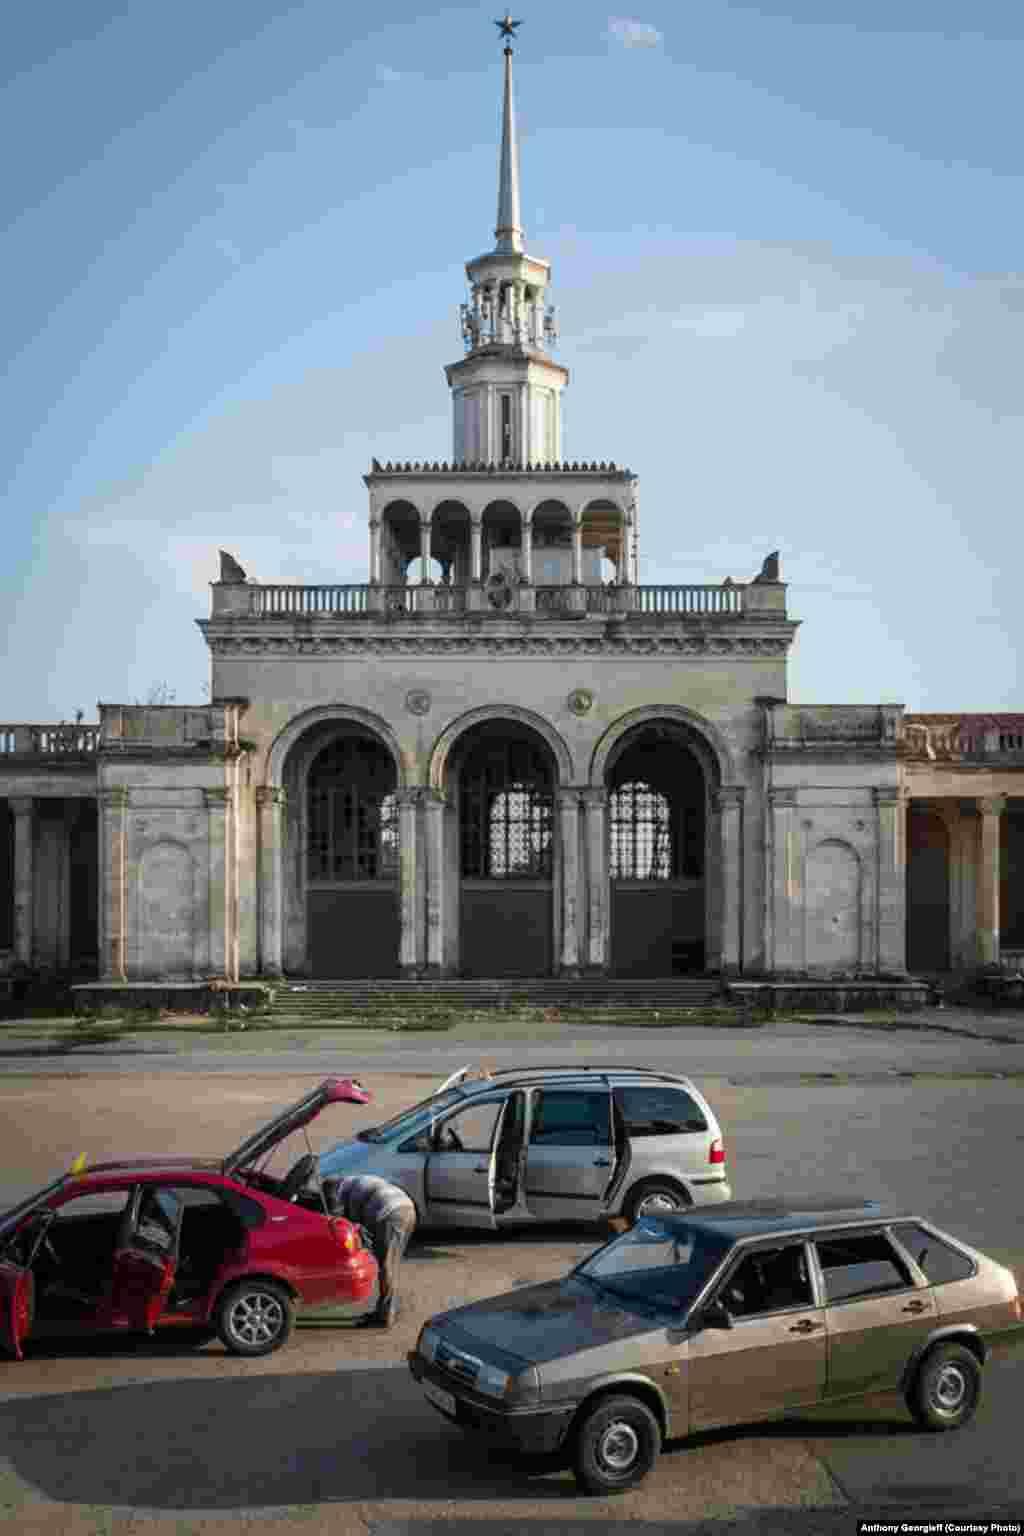 Здание Центрального вокзала в Сухуми. Поезда здесь давно не ходят.